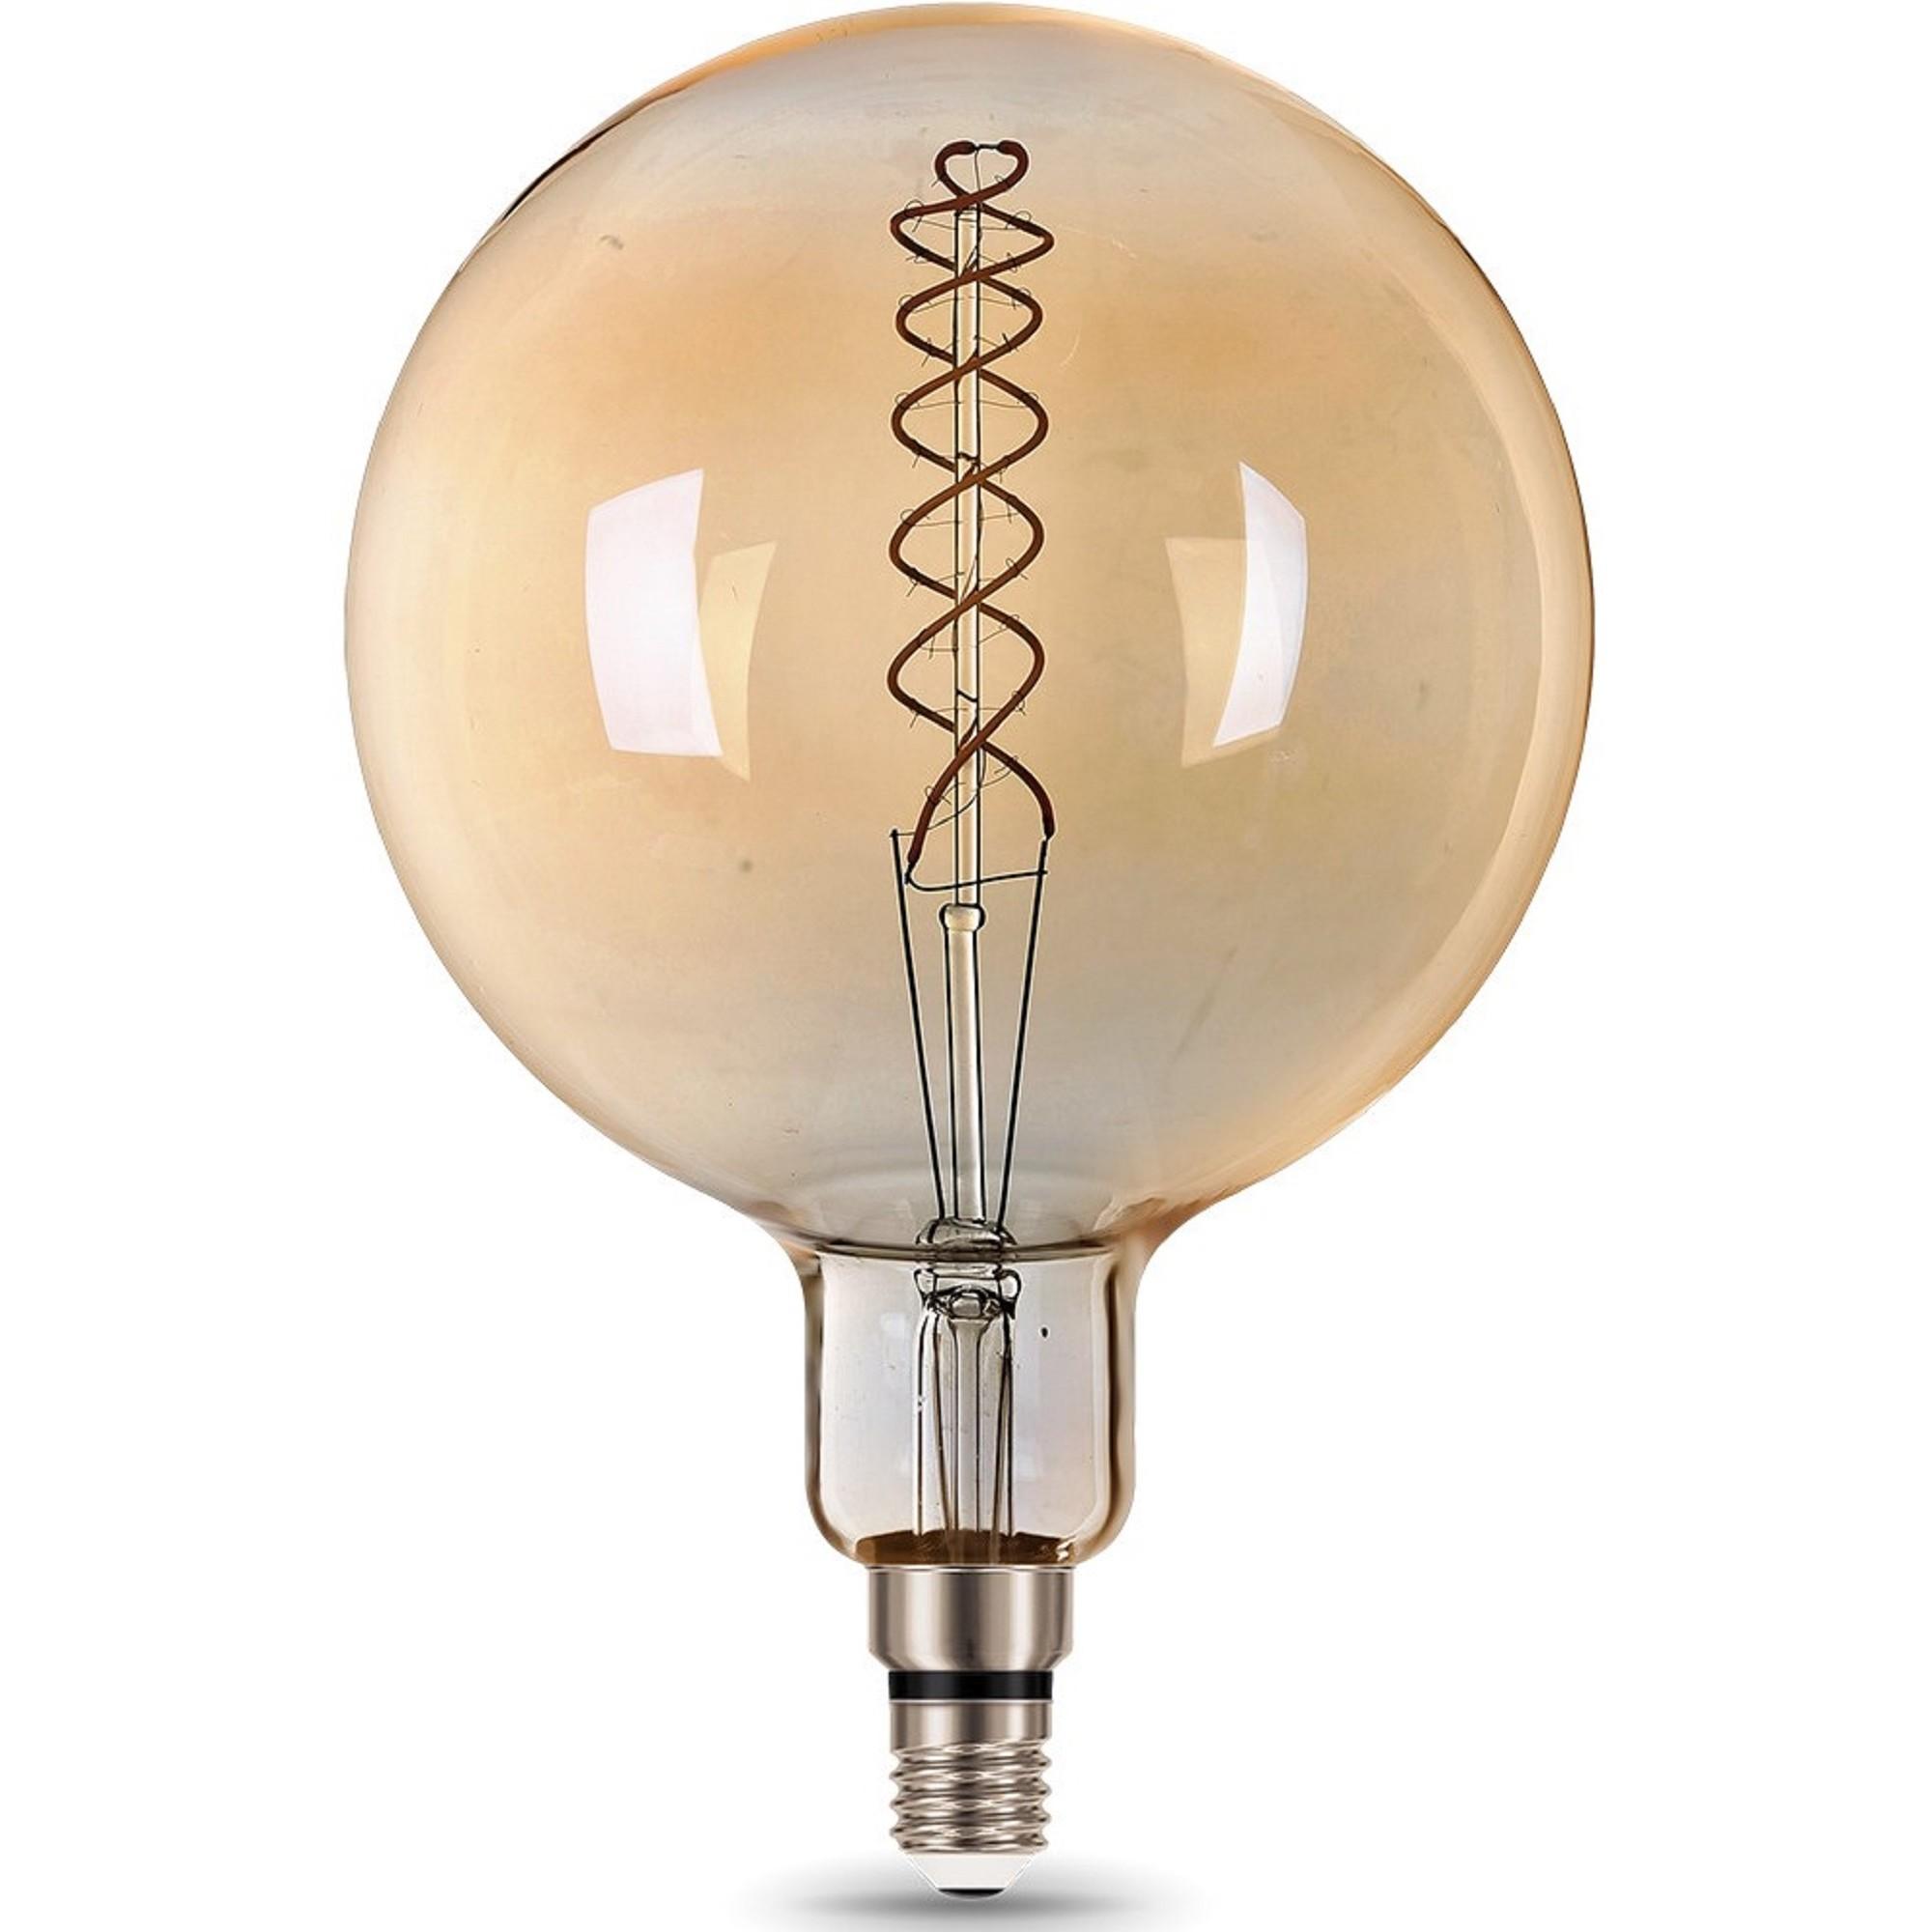 Лампа большая светодиодная Gauss Е27 8 Вт шар спираль свет тёплый золотая колба диаметр 20 см